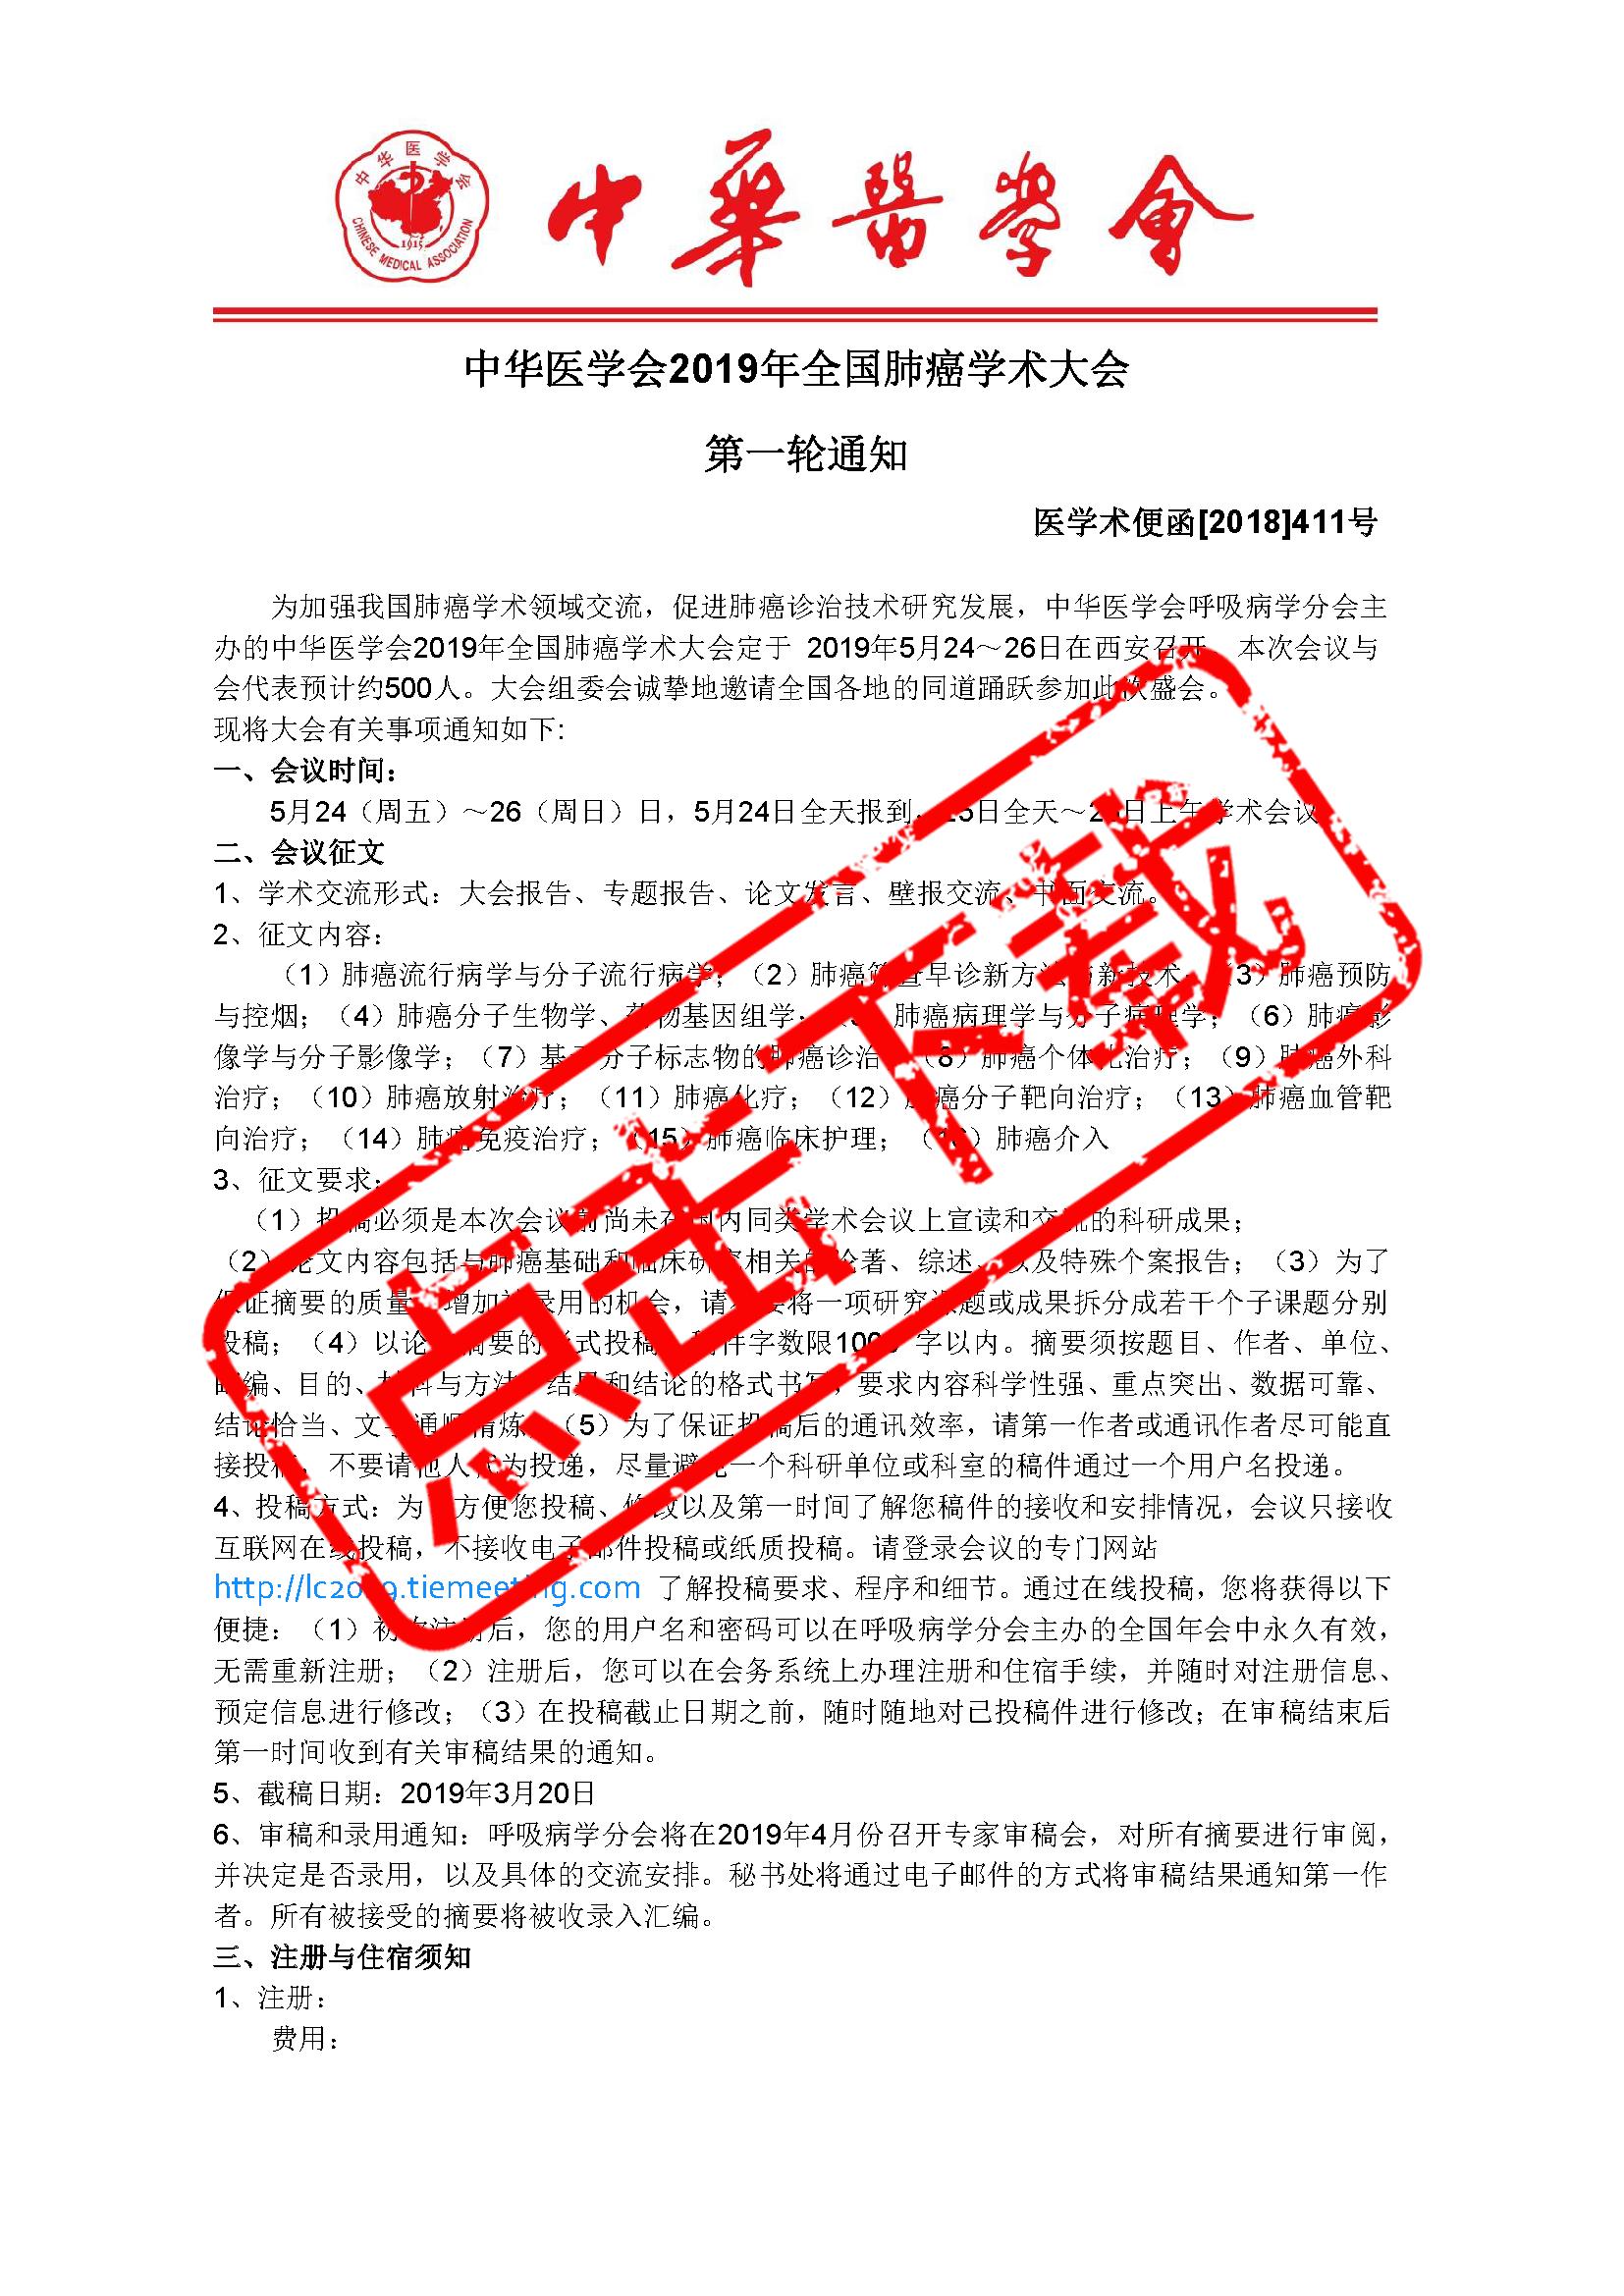 2019年肺癌学术大会征文参会通知.png